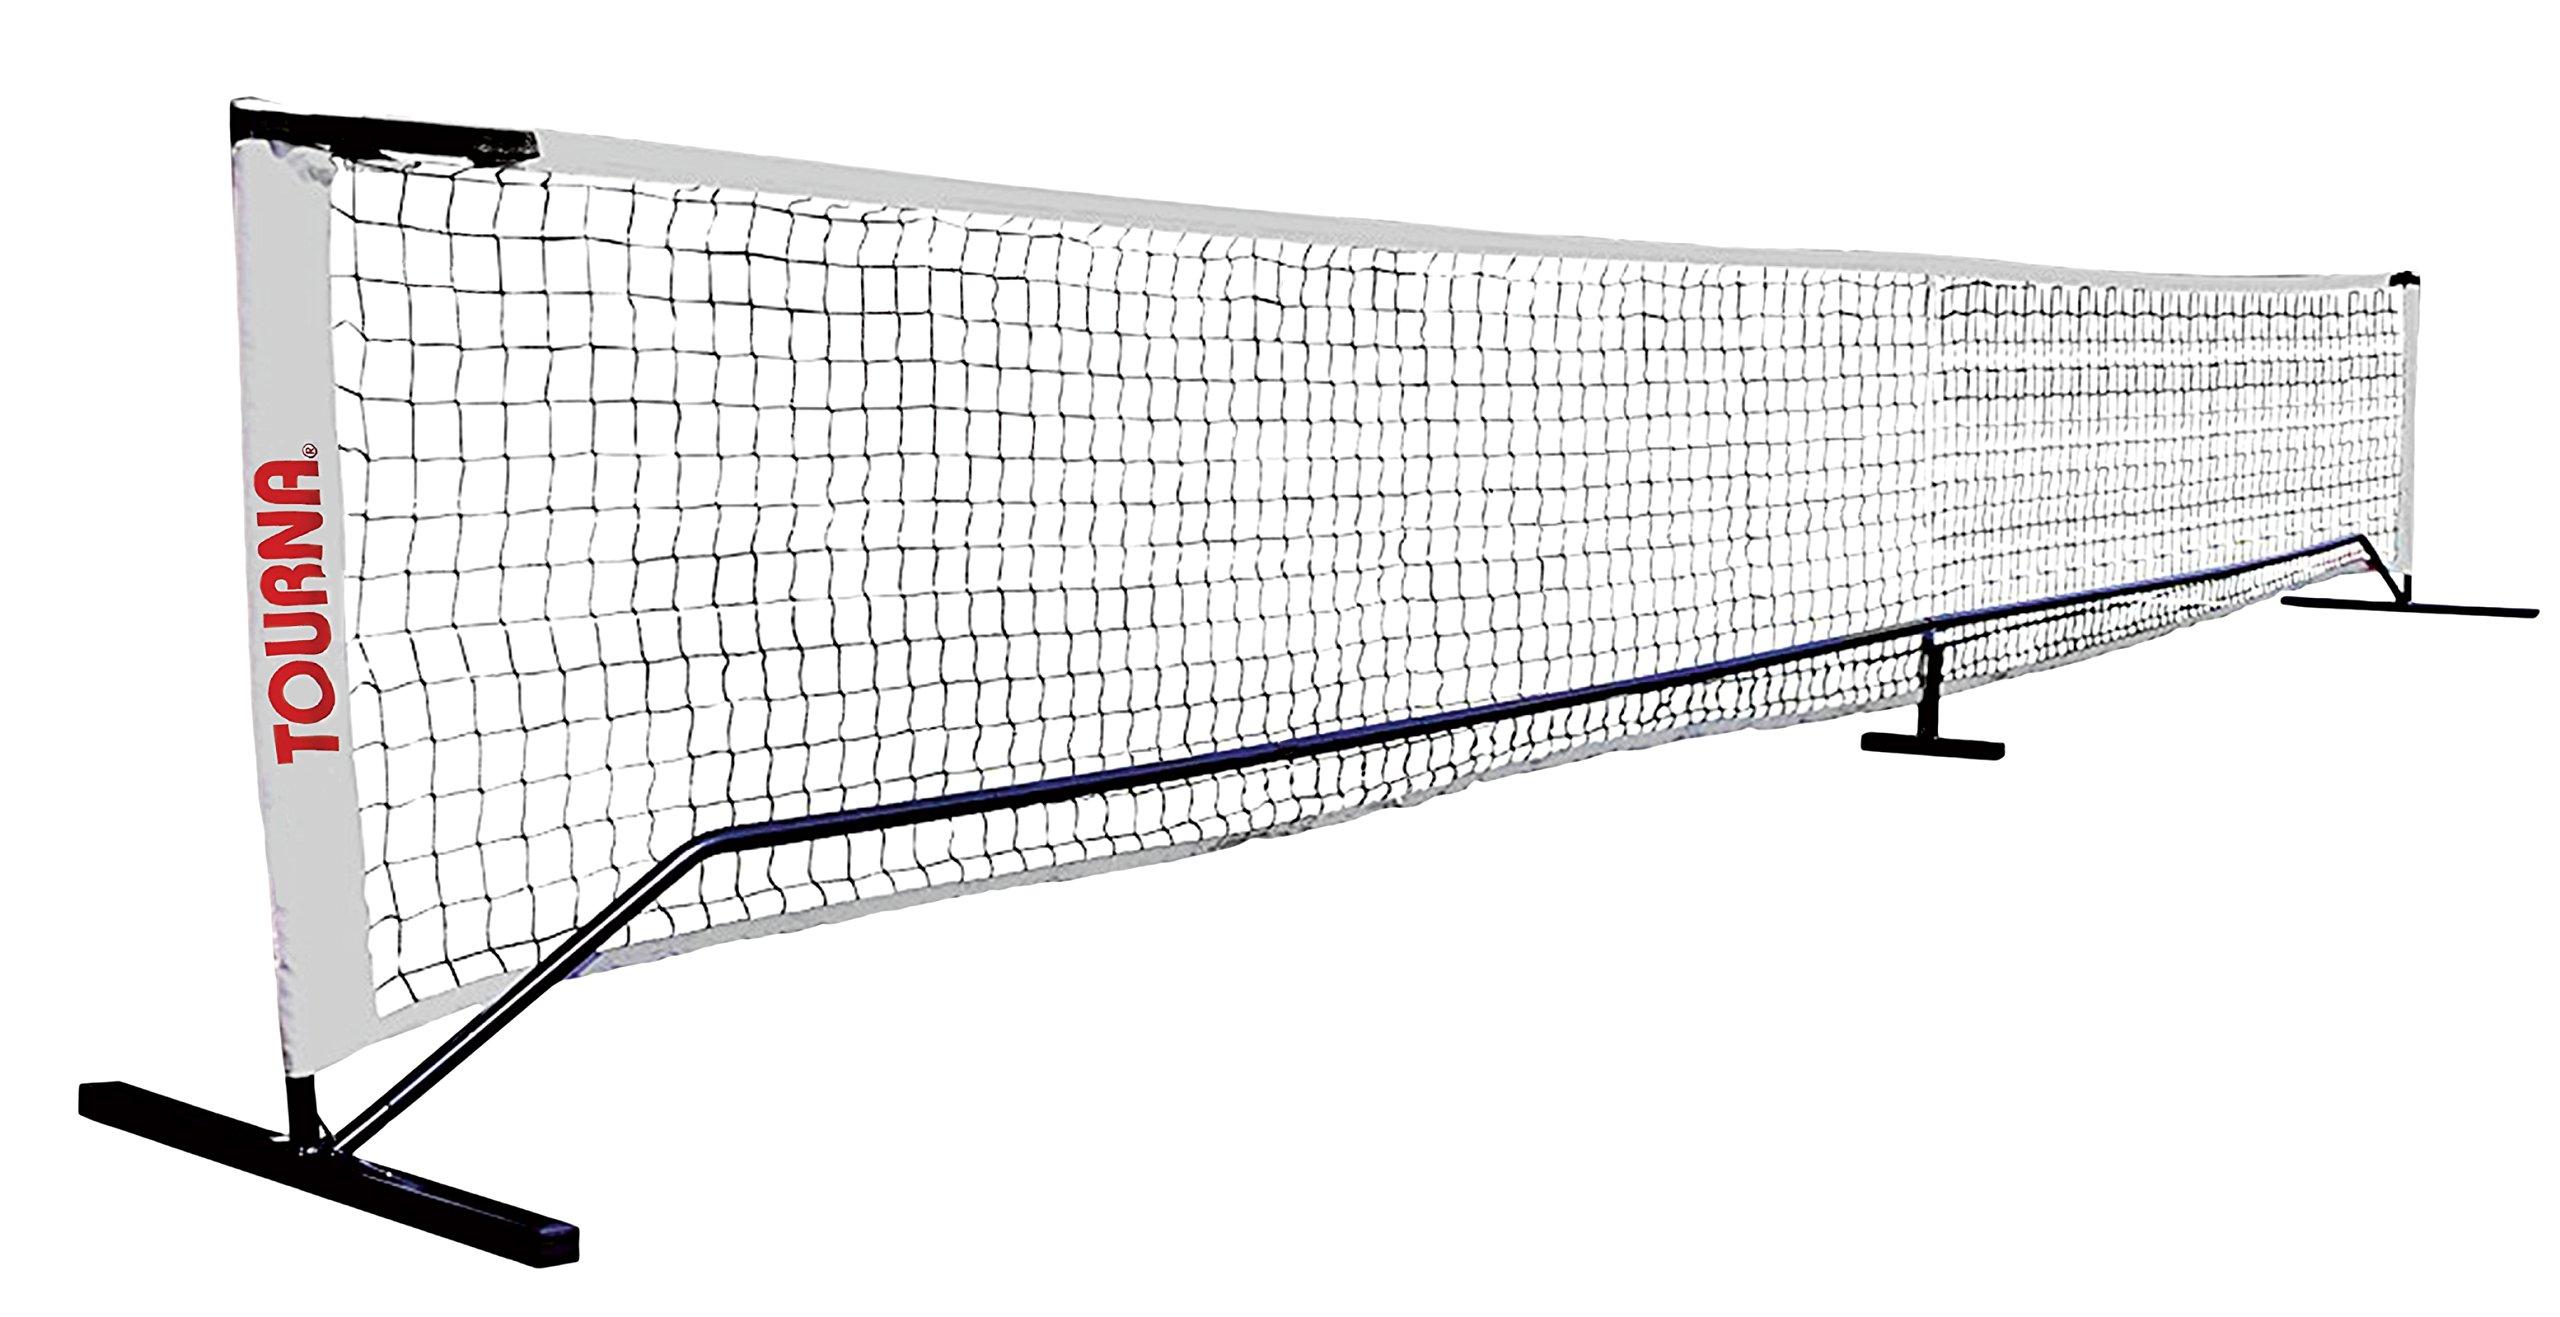 Tourna Pickleball Net Portable Pickleball Net by Tourna